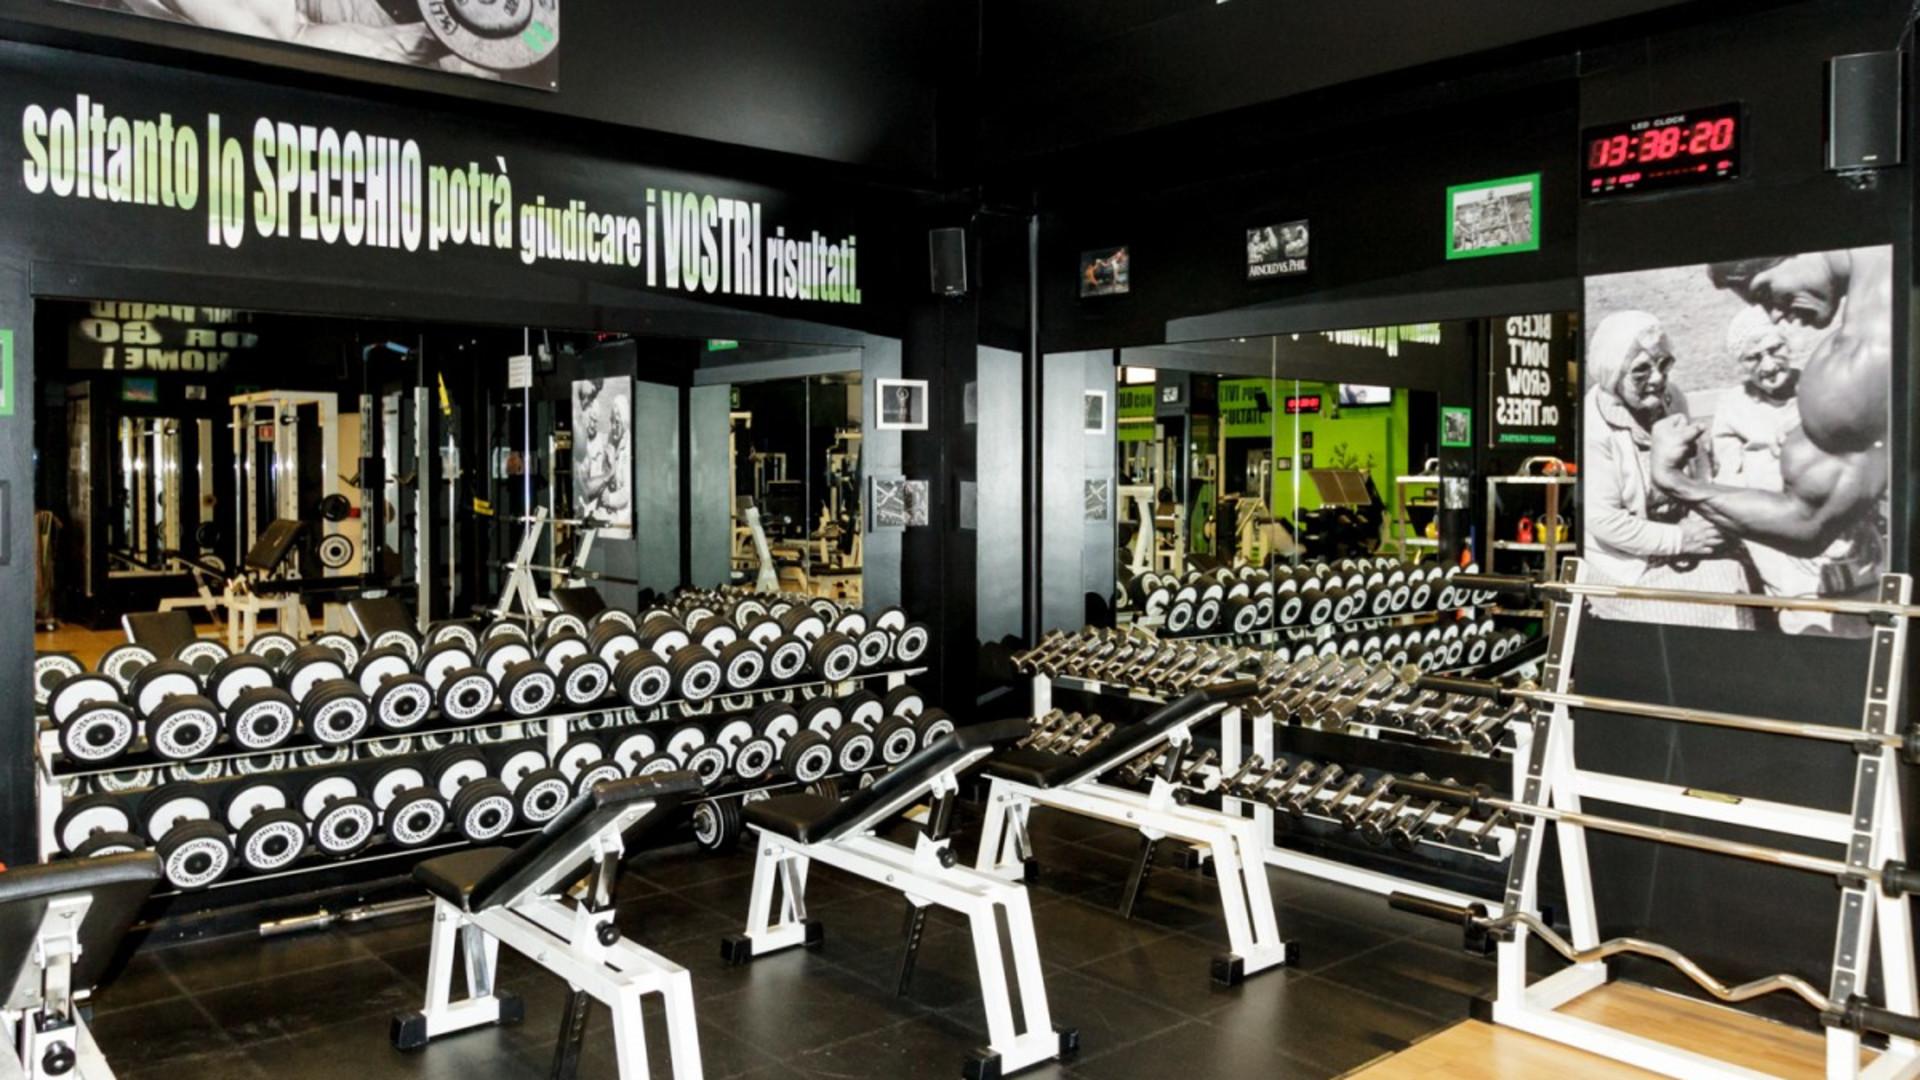 Gym Center Sondrio